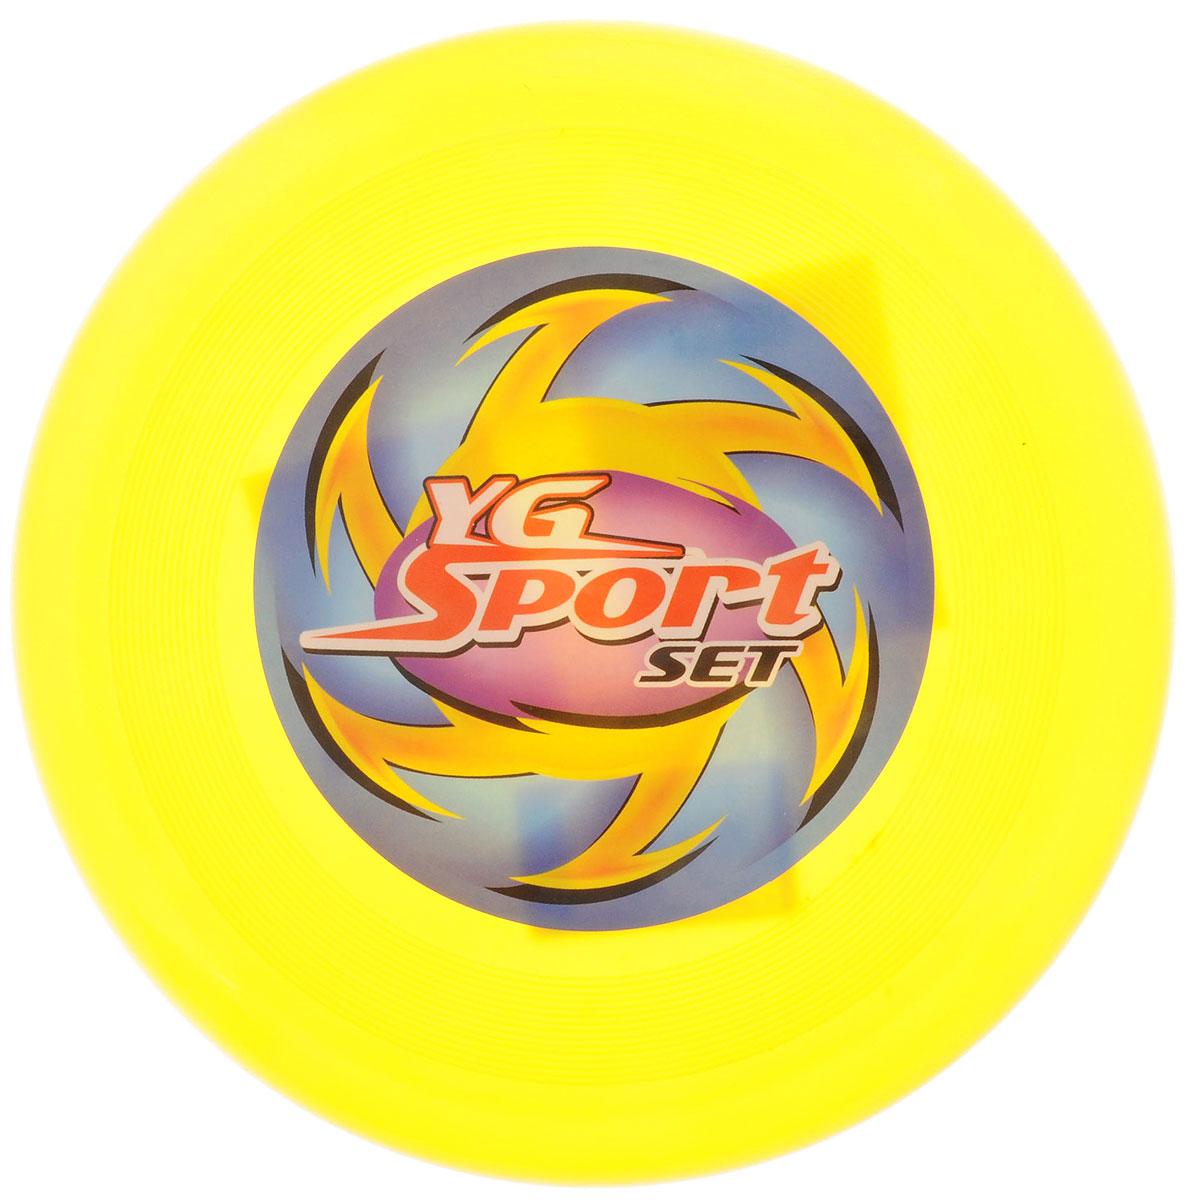 YG Sport Летающий диск цвет желтыйYG03JЛетающий диск YG Sport выполнен из прочного материала, что обеспечивает ему долговечность. А яркость и особая форма делают идеальным для спортивных развлечений! Летающий диск способен поднять настроение всем! Каждый ребенок будет рад такому яркому и спортивному подарку.